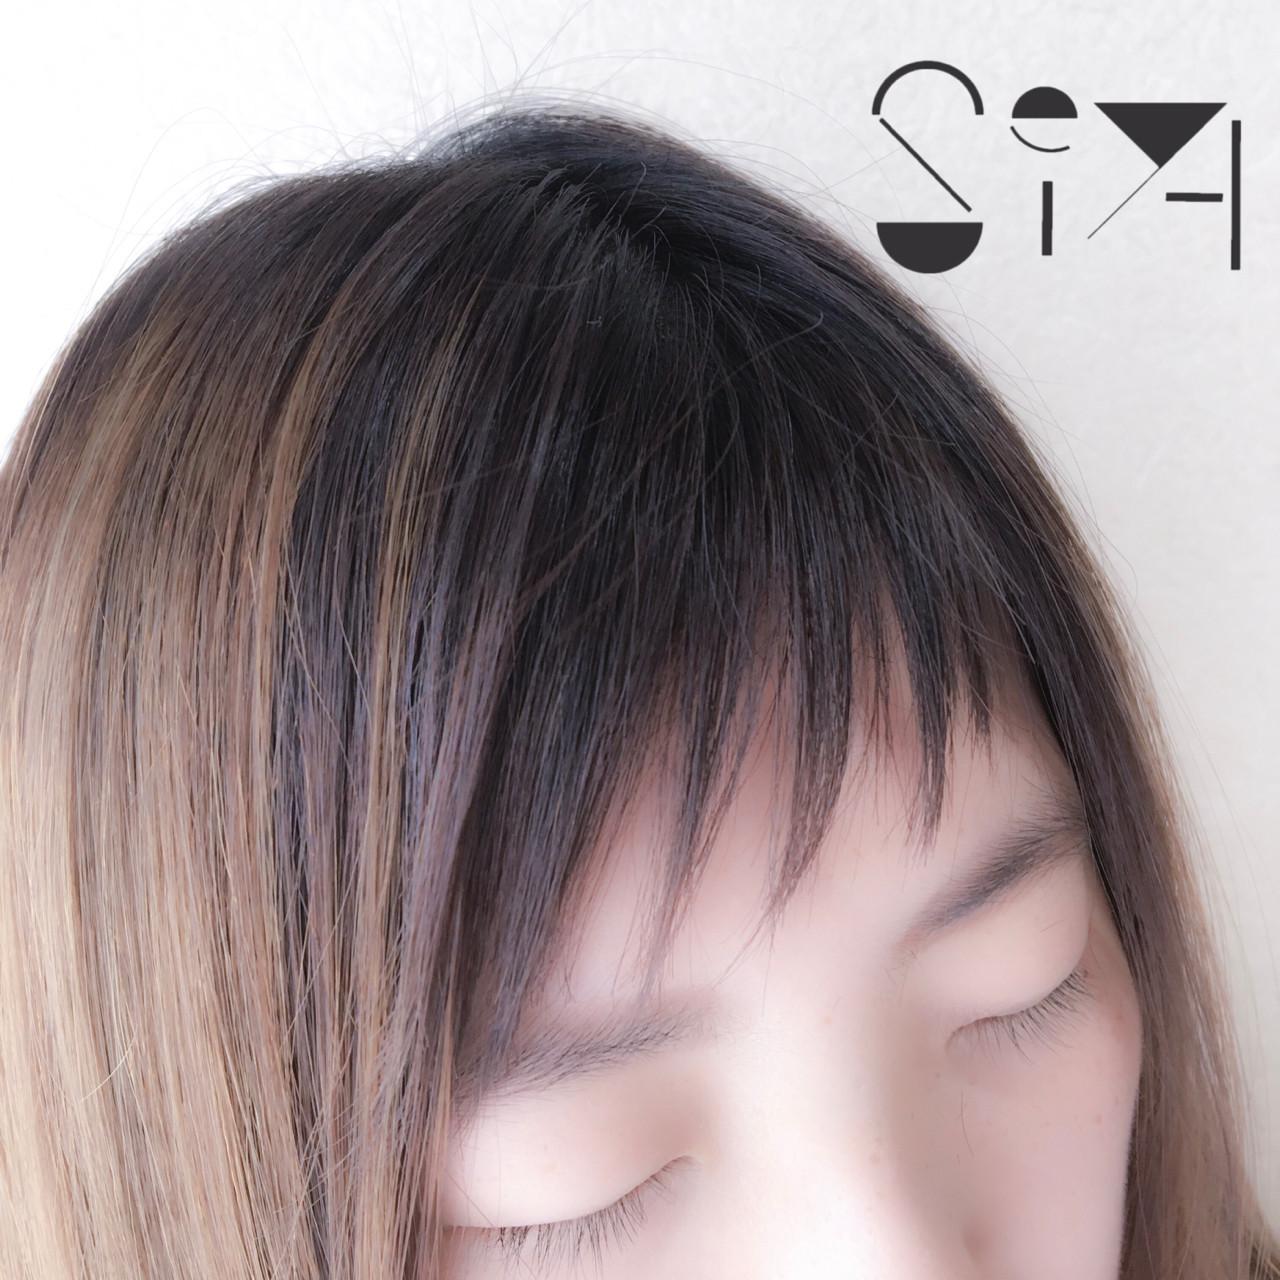 斜め前髪×シースルーの最旬スタイル SEIYA YAMAMOTO